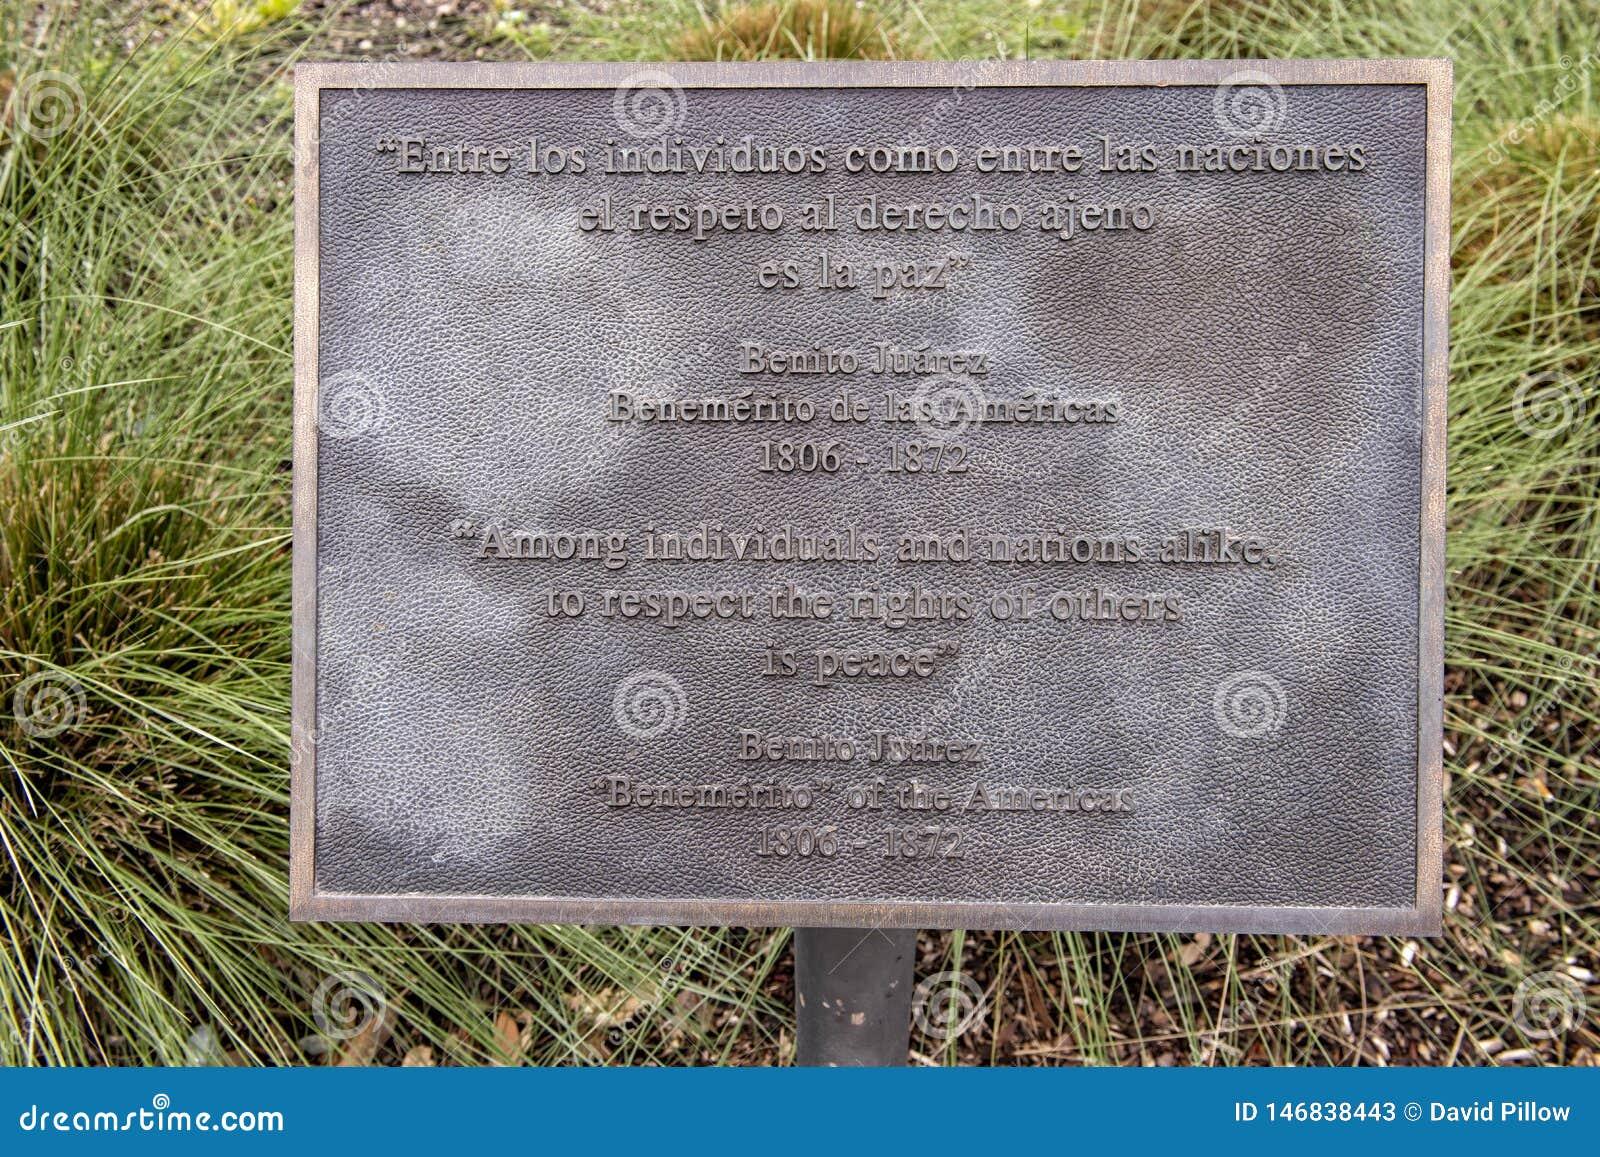 Chapa da informa??o para a est?tua de bronze de Benito Juarez em Benito Juarez Parque de Heroes, Dallas City Park em Dallas, Texa